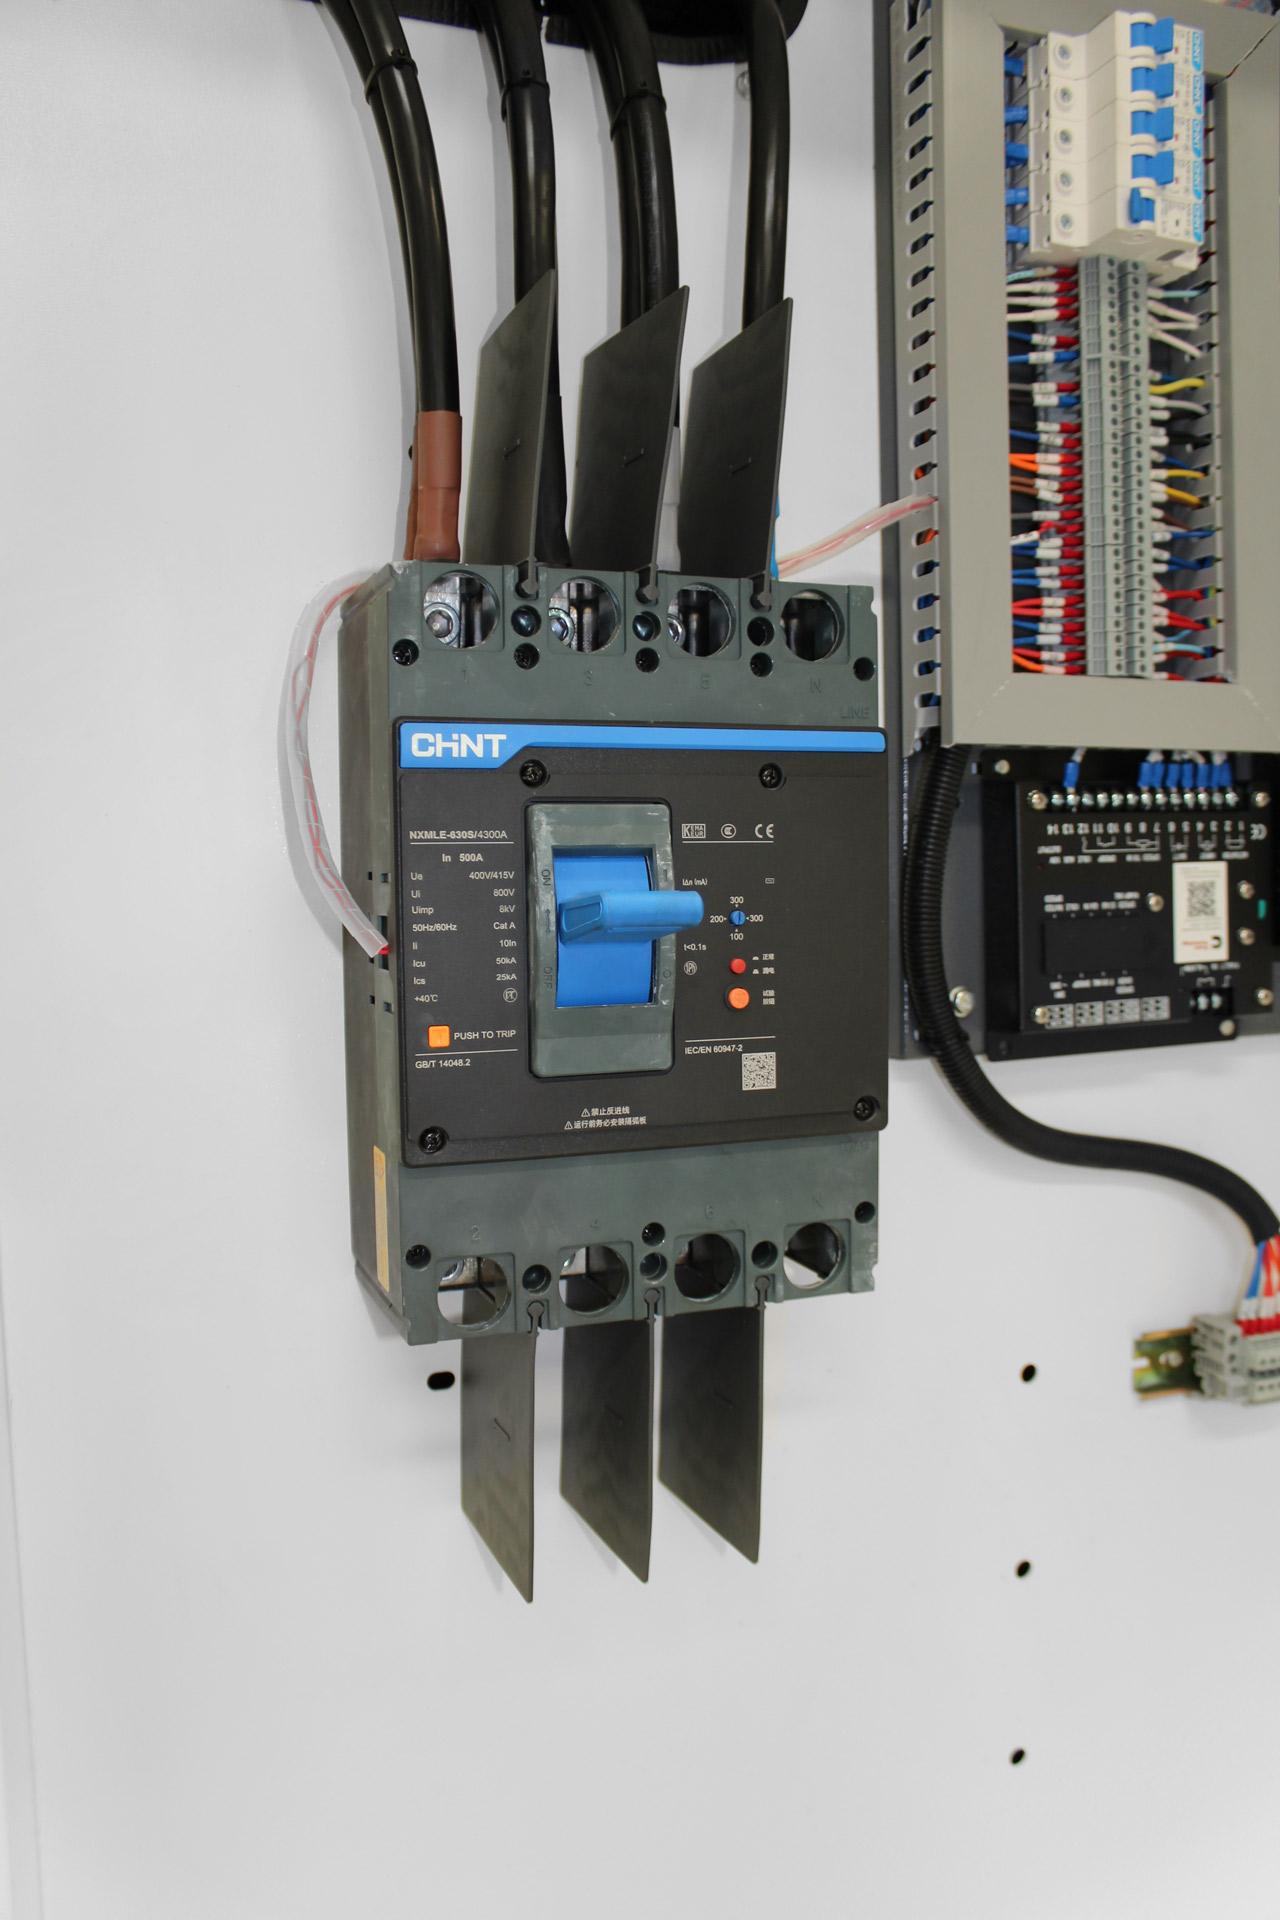 CHiNT 4 Pole 3 Phase breaker on Evopower 360kVA generator